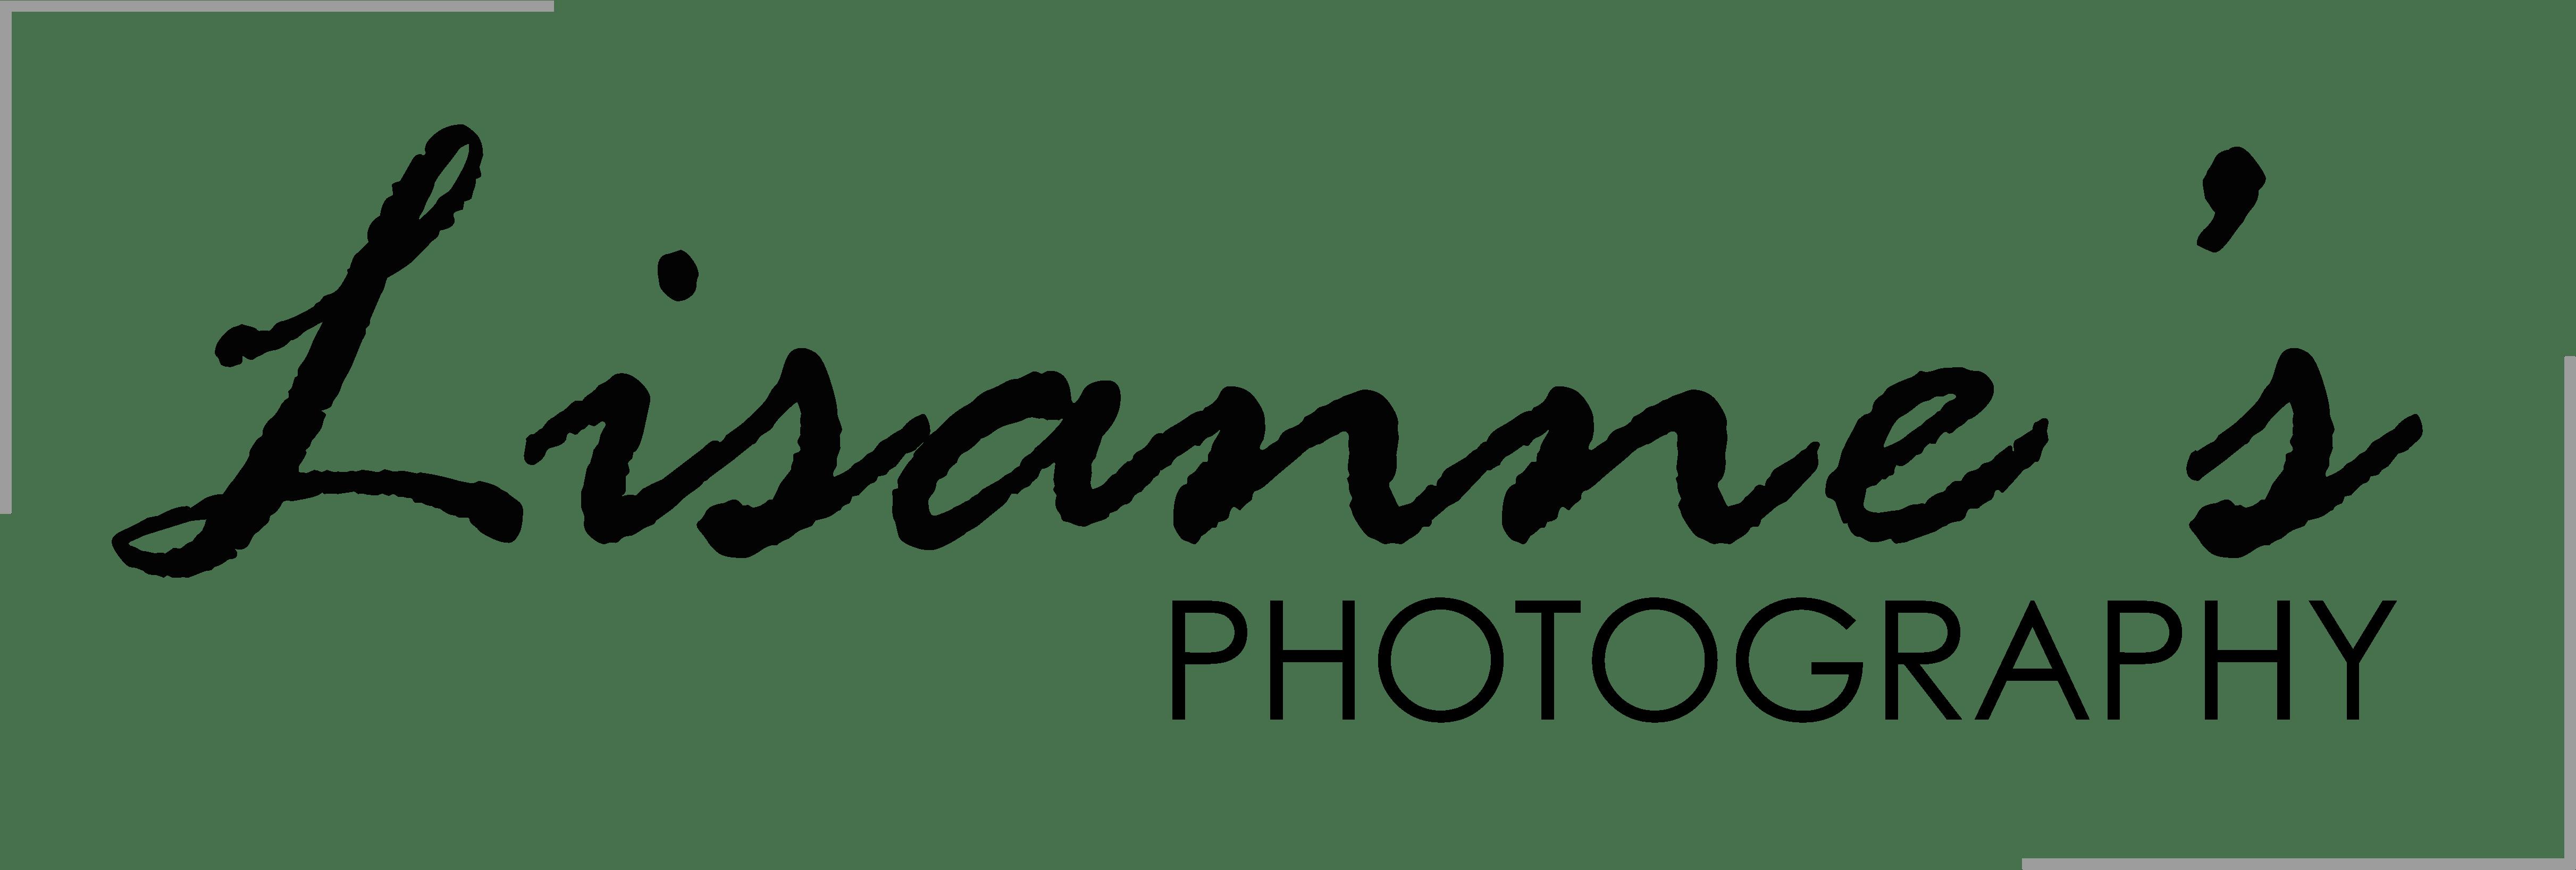 Lisanne's Photography